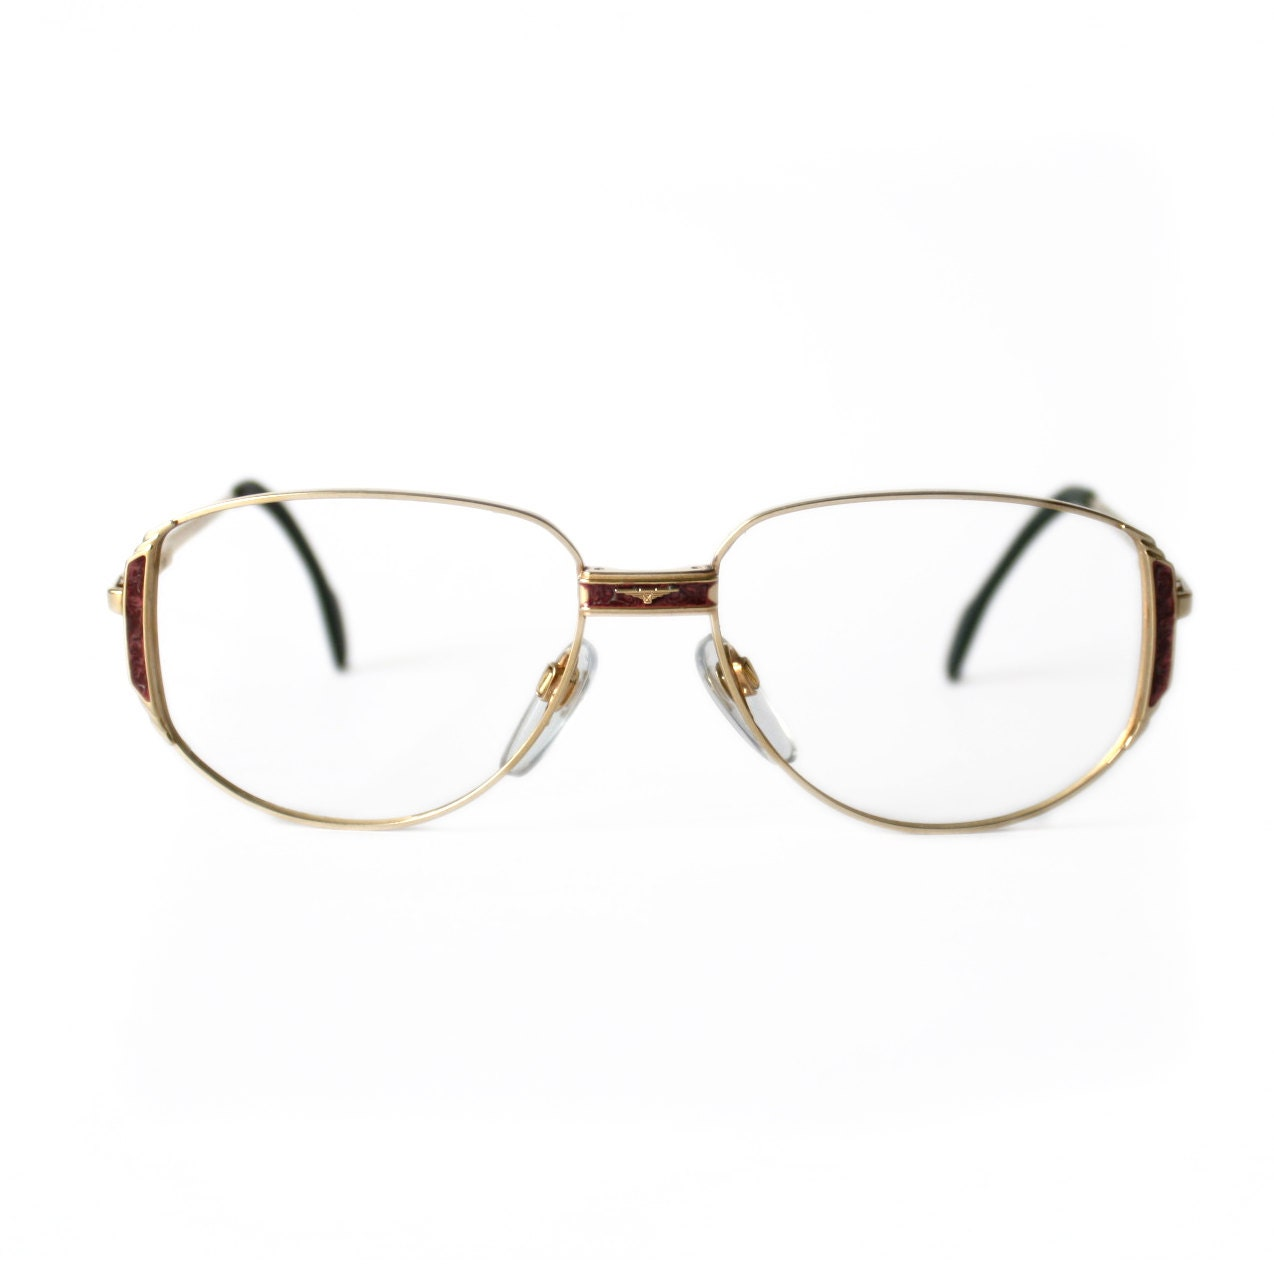 Gold Coloured Glasses Frames : LONGINES Vintage Eyeglasses METZLER gold color by ...